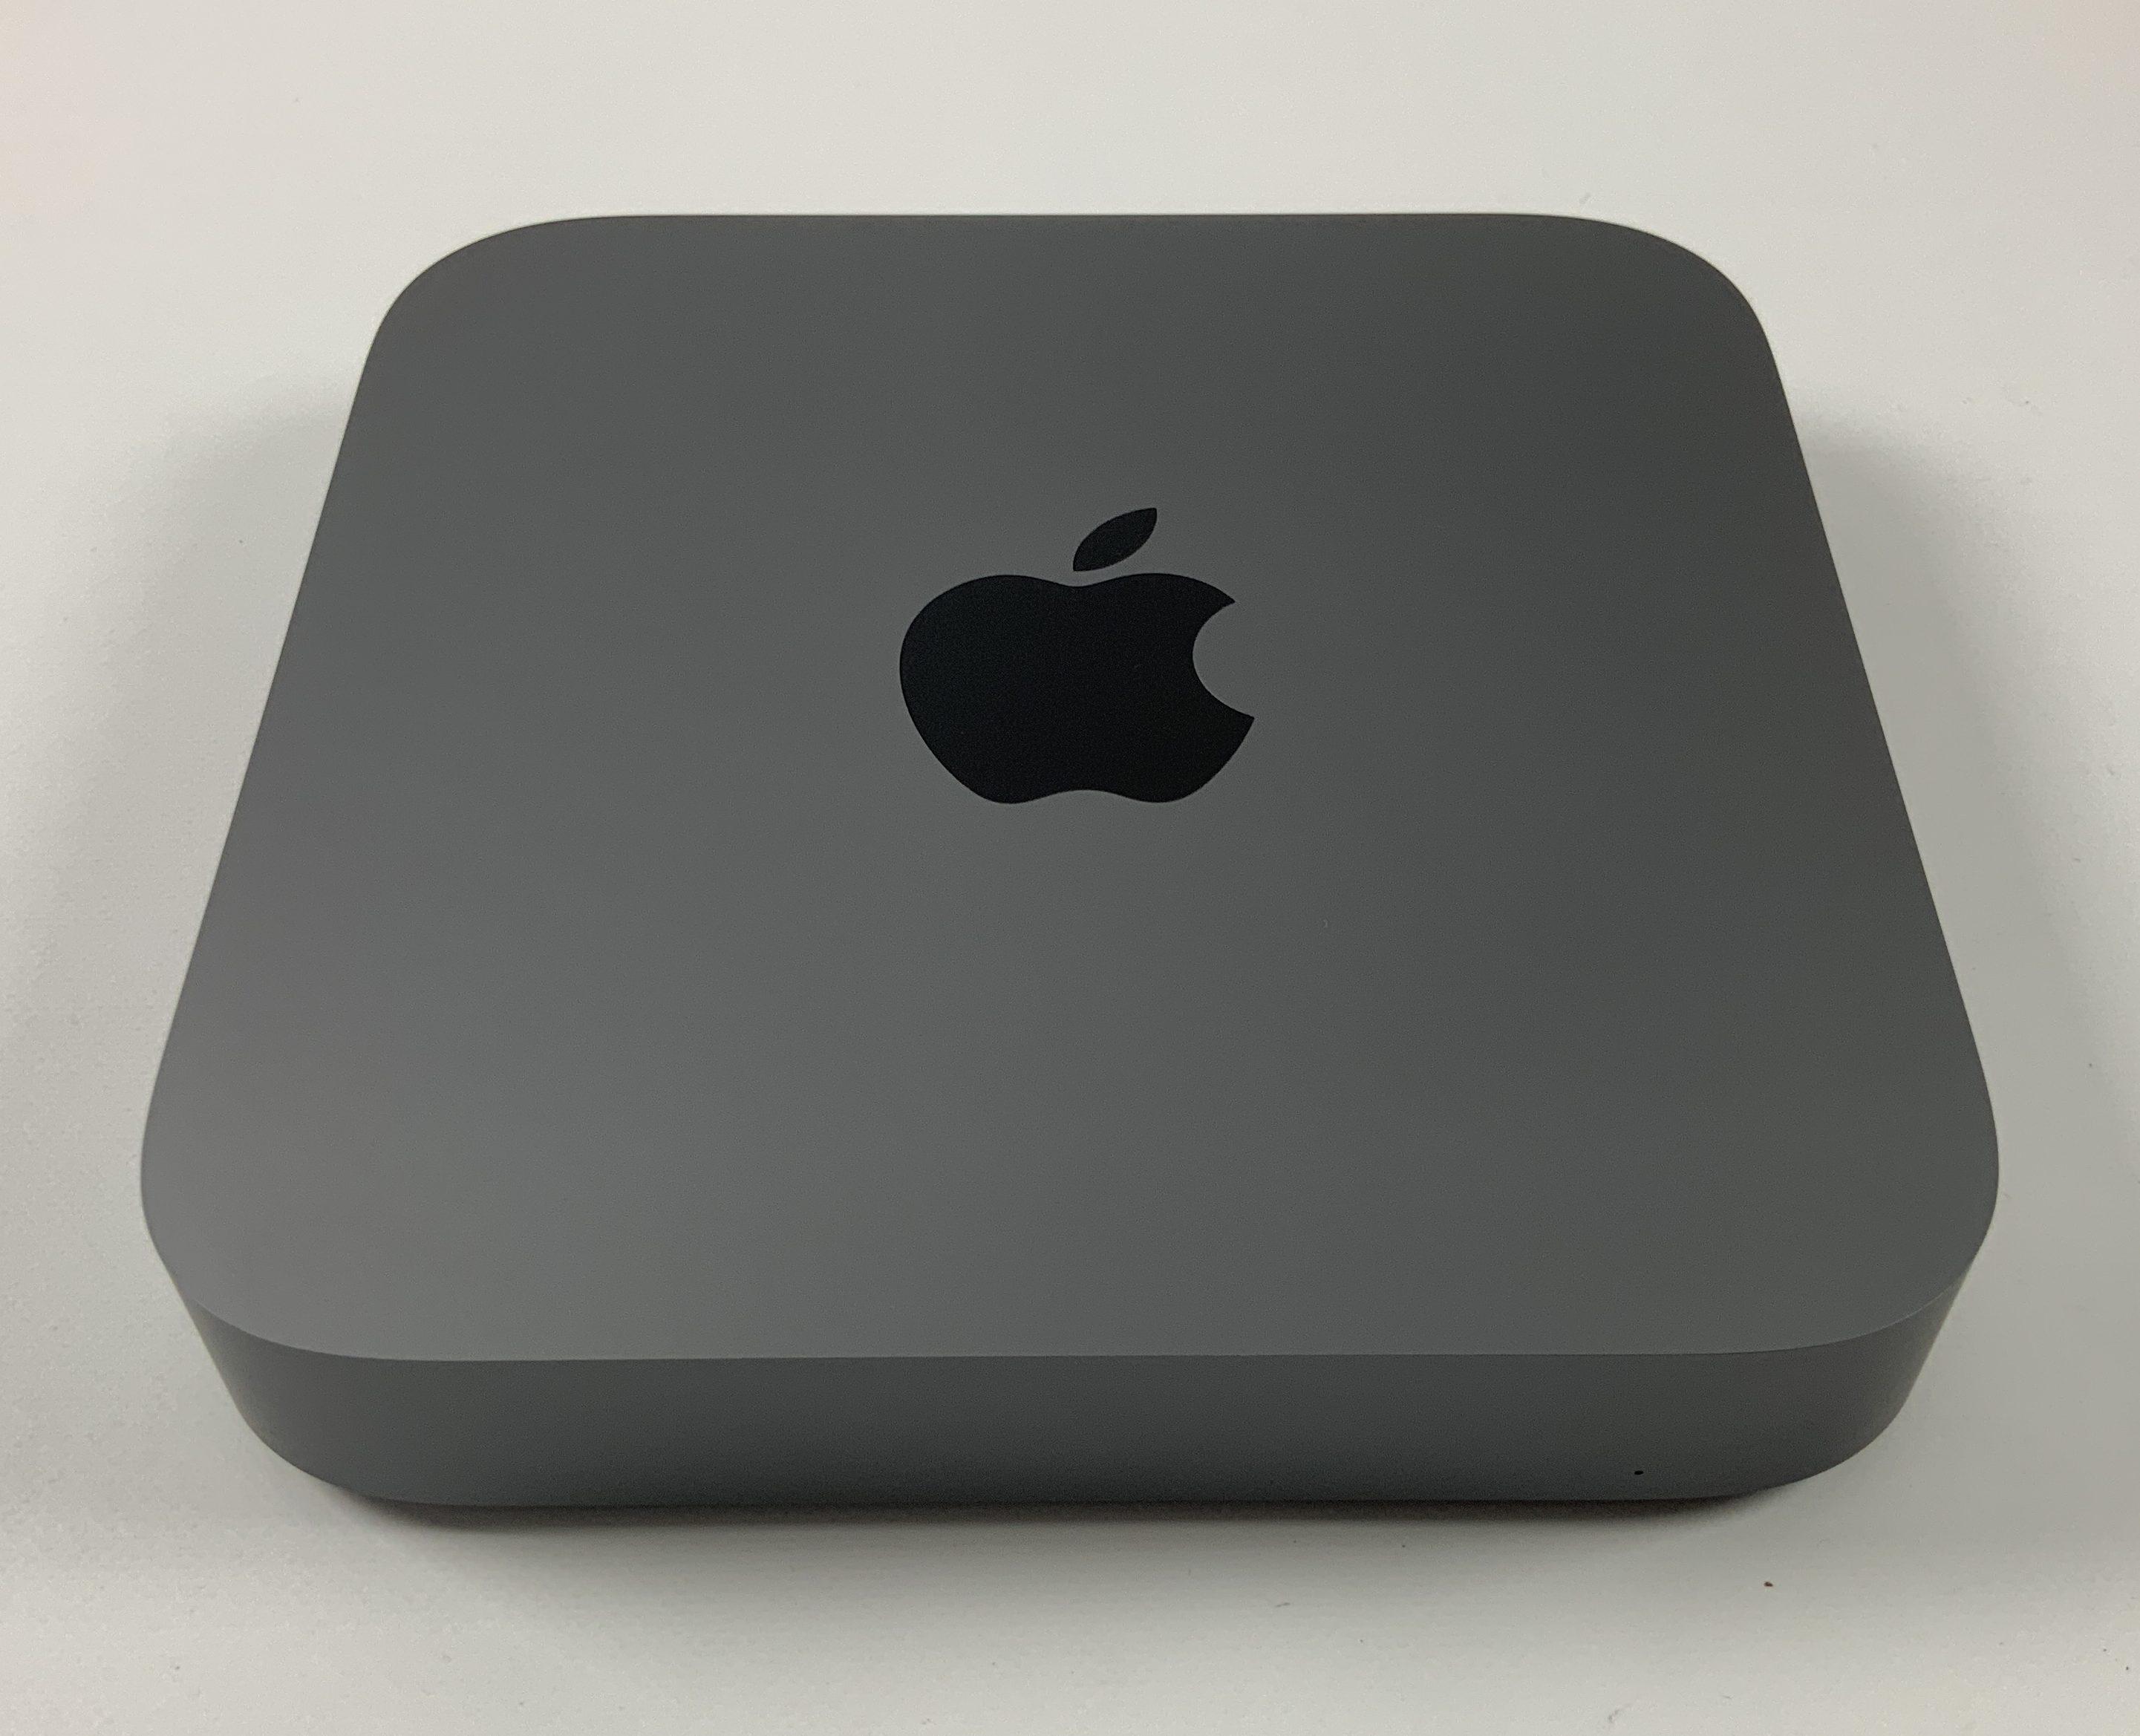 Mac Mini Late 2018 (Intel Quad-Core i3 3.6 GHz 32 GB RAM 128 GB SSD), Intel Quad-Core i3 3.6 GHz, 32 GB RAM, 128 GB SSD, obraz 1